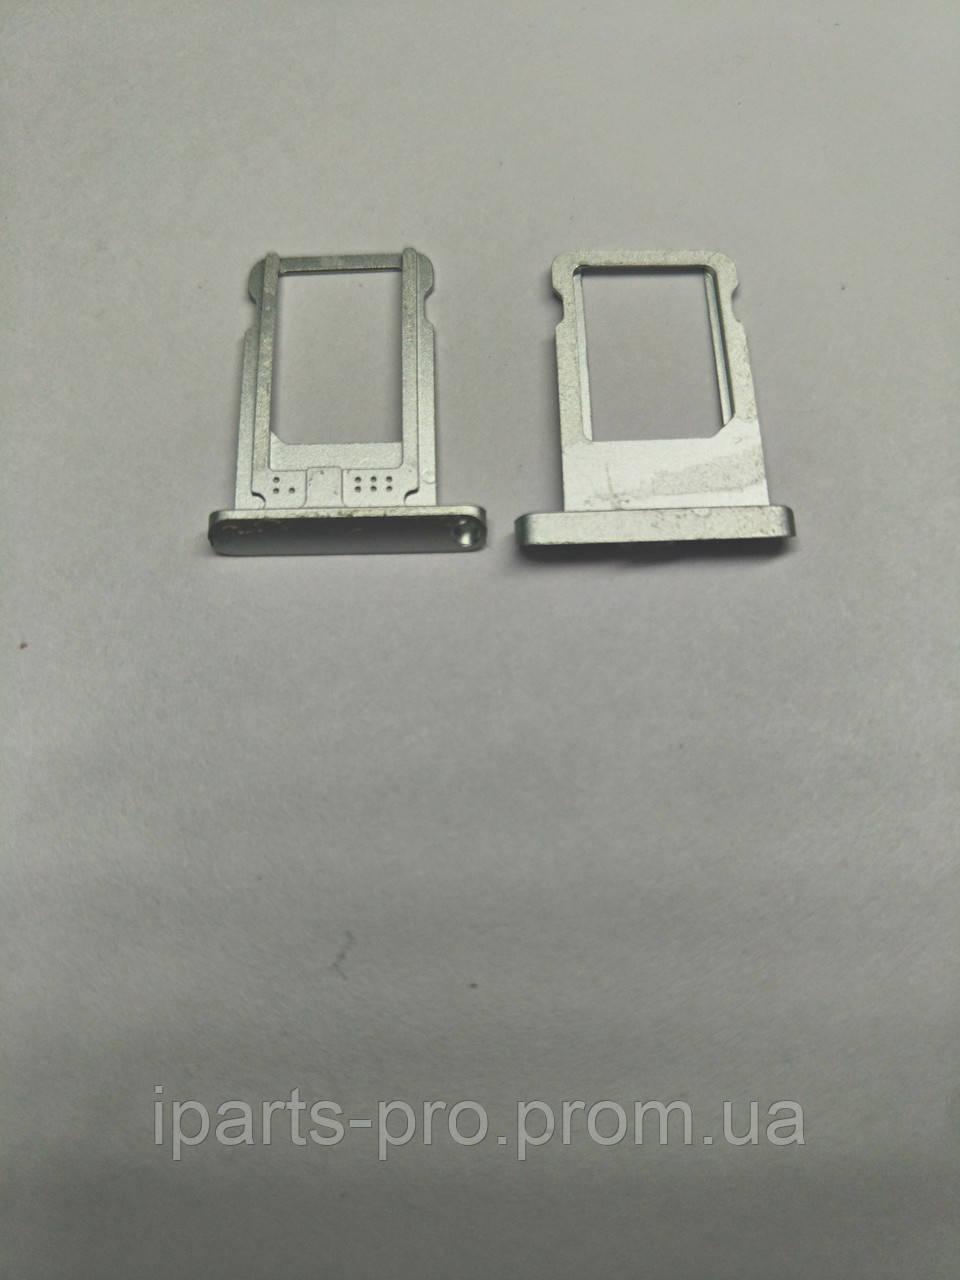 Лоток для сим-карты для iPad 5